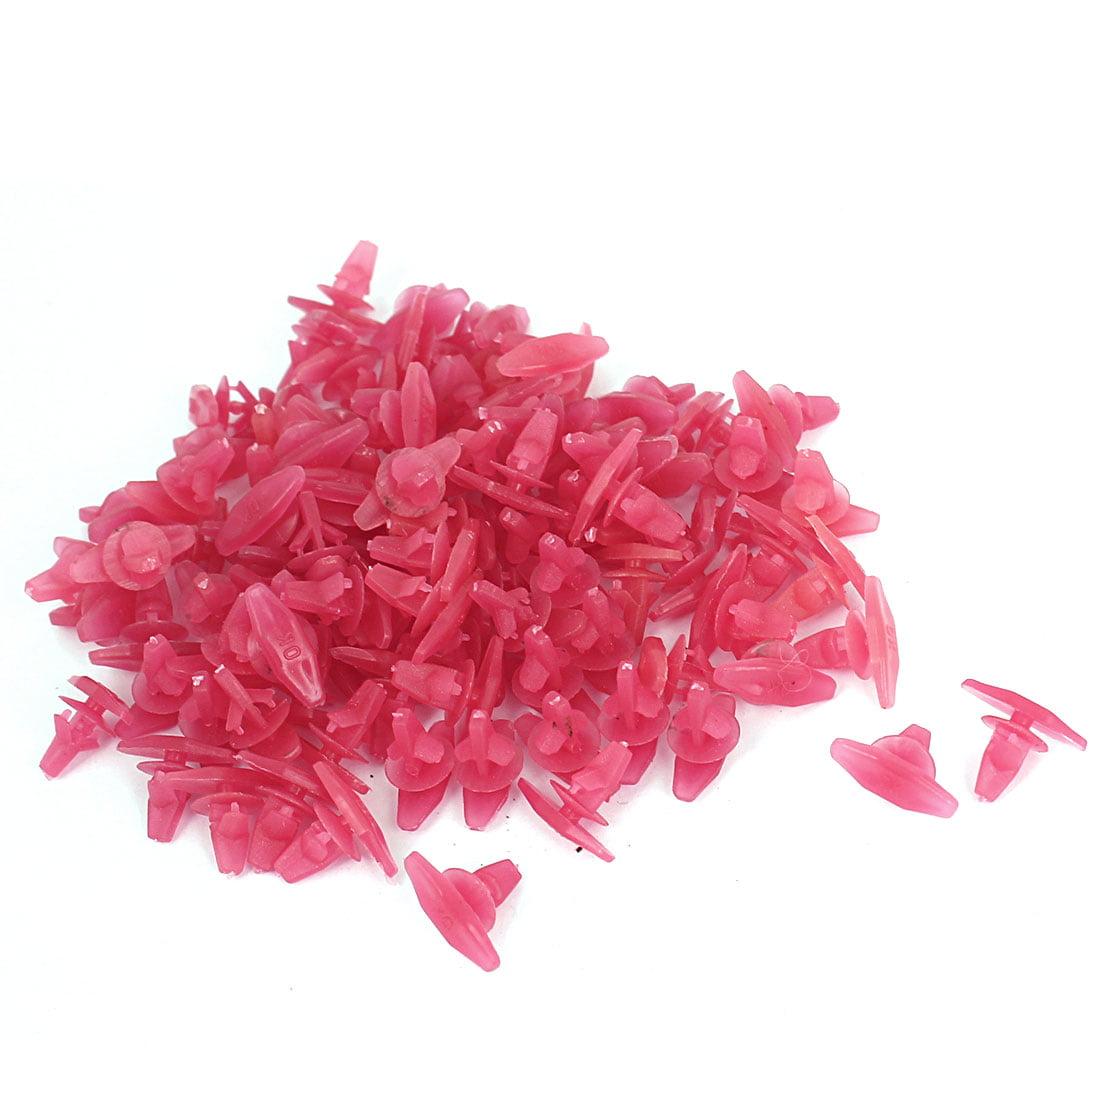 Unique Bargains 100 Pcs Red Plastic Rivet Trim Fastener Moulding Clips 6mm x 8mm x 8mm